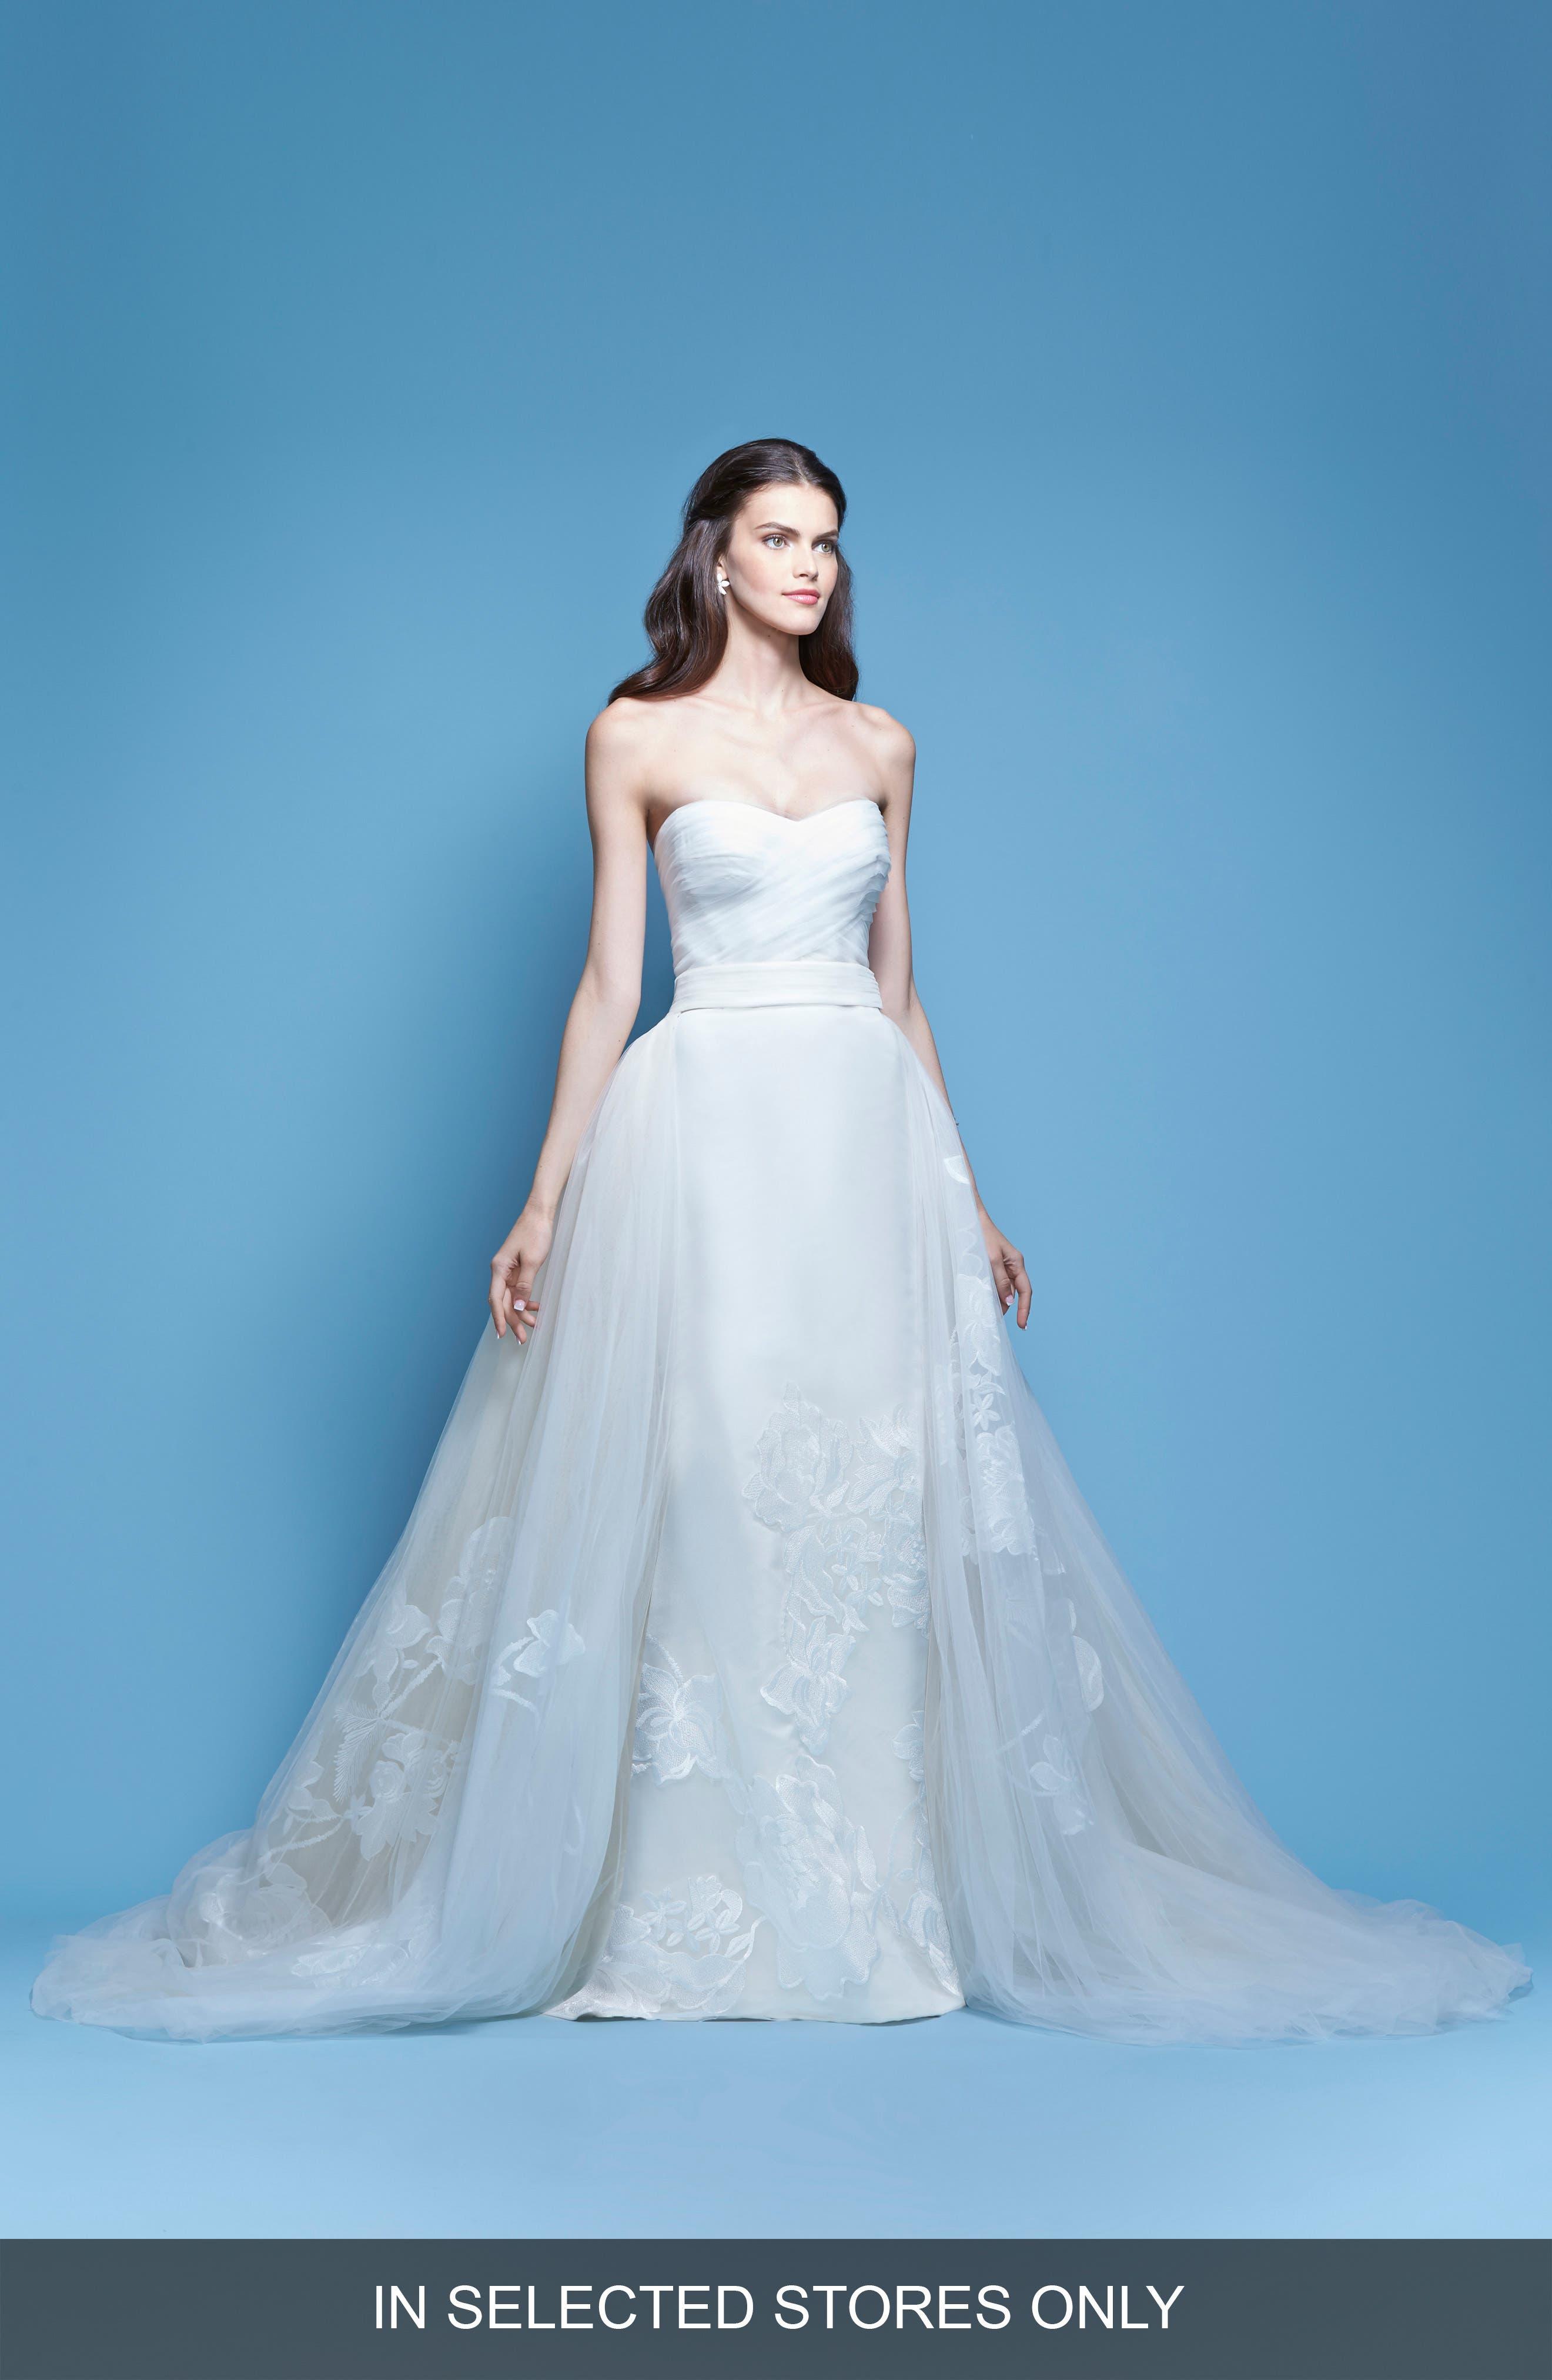 Carolina Herrera Josefina Strapless Silk Faille Mermaid Gown with Detachable Tulle Overlay Skirt